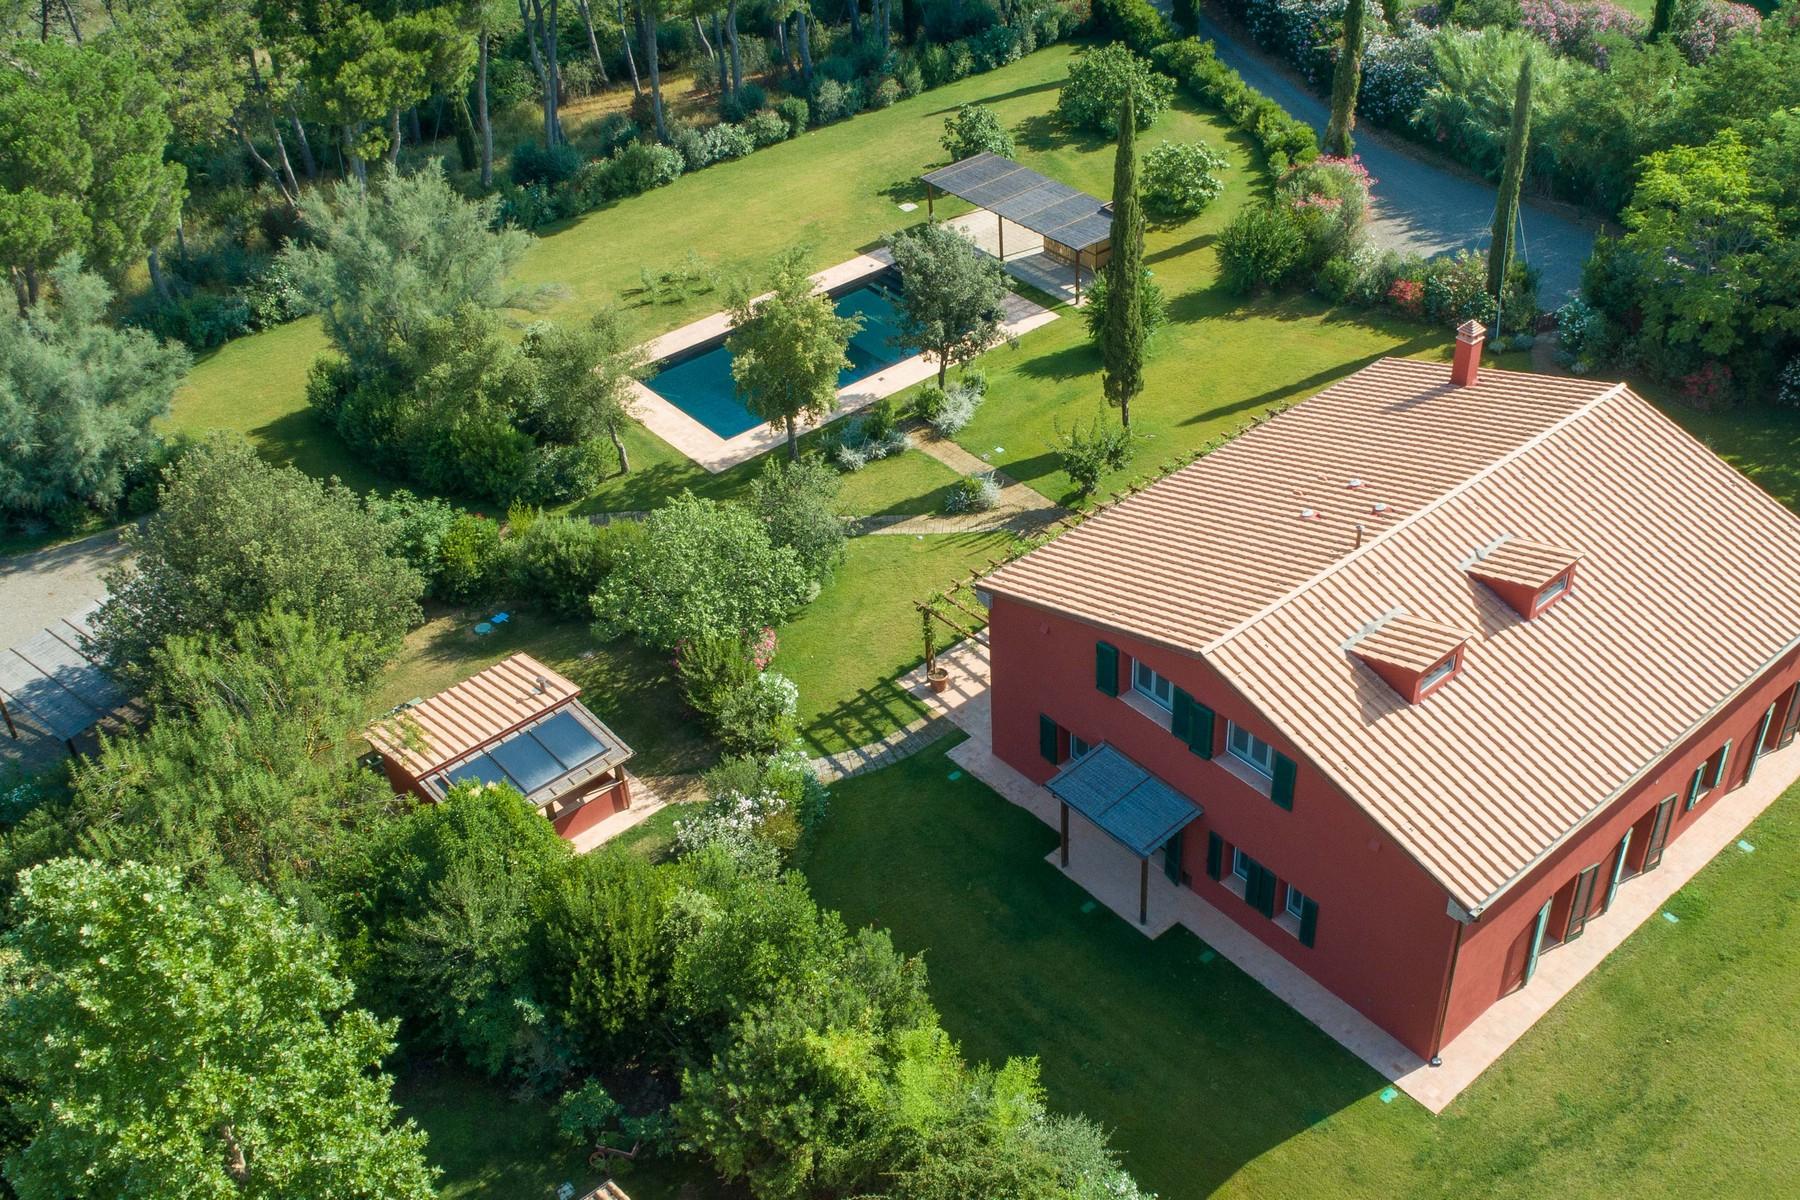 Villa in Vendita a Magliano In Toscana: 5 locali, 545 mq - Foto 15